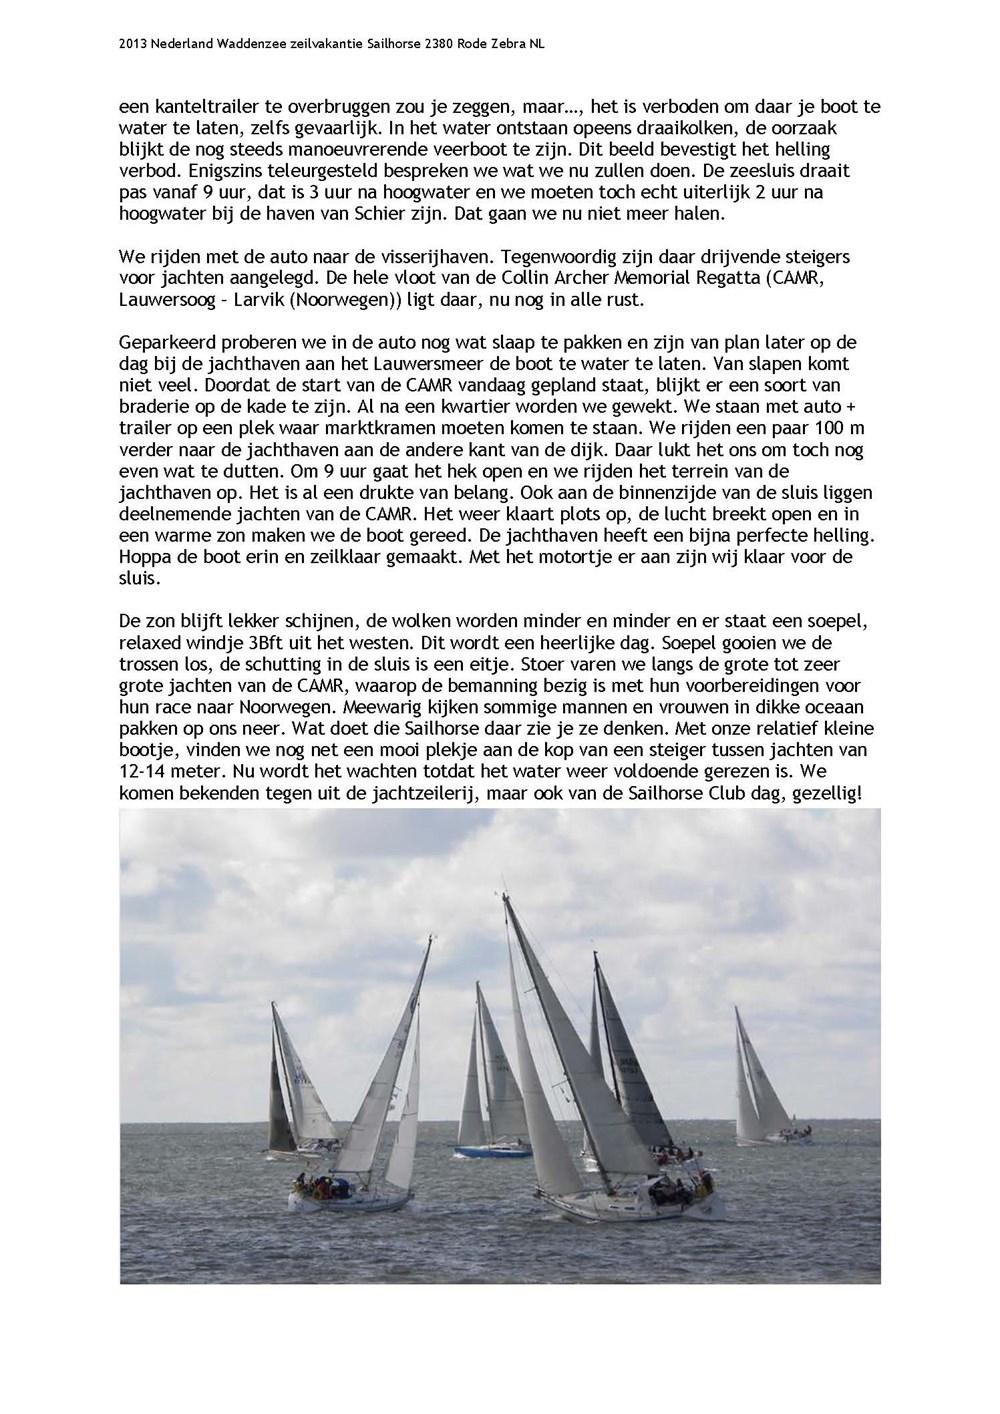 2013_Nederland_Waddenzee_zeilvakantie_Sailhorse_2380_Rode_Zebra_NL_Page_2.jpg